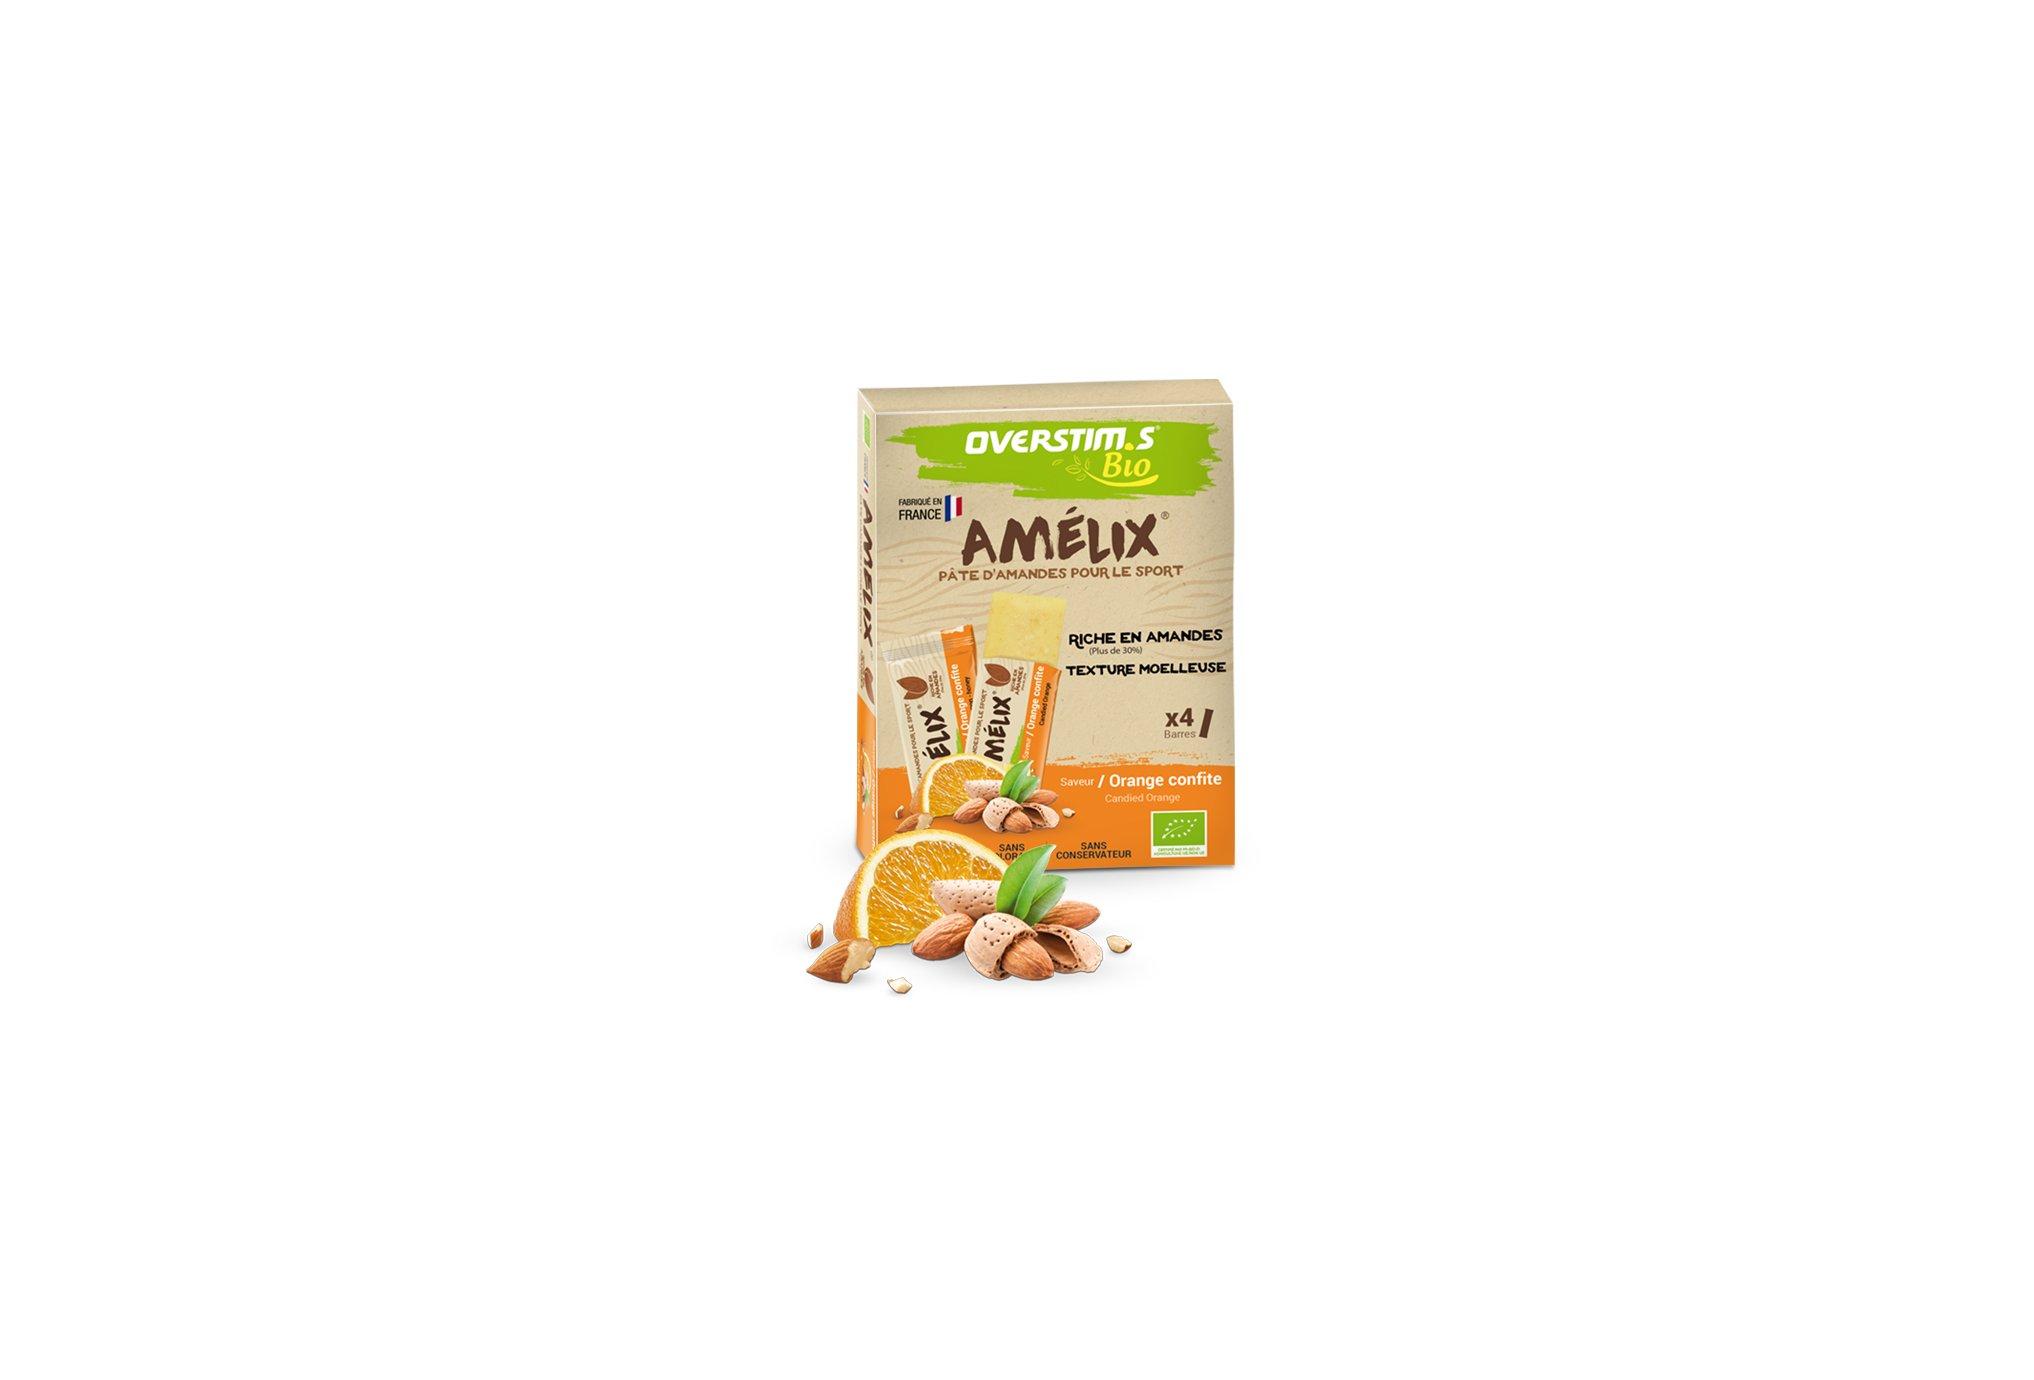 OVERSTIMS Étui 4 pâtes d'amandes Amélix Bio - Orange confite Diététique Barres